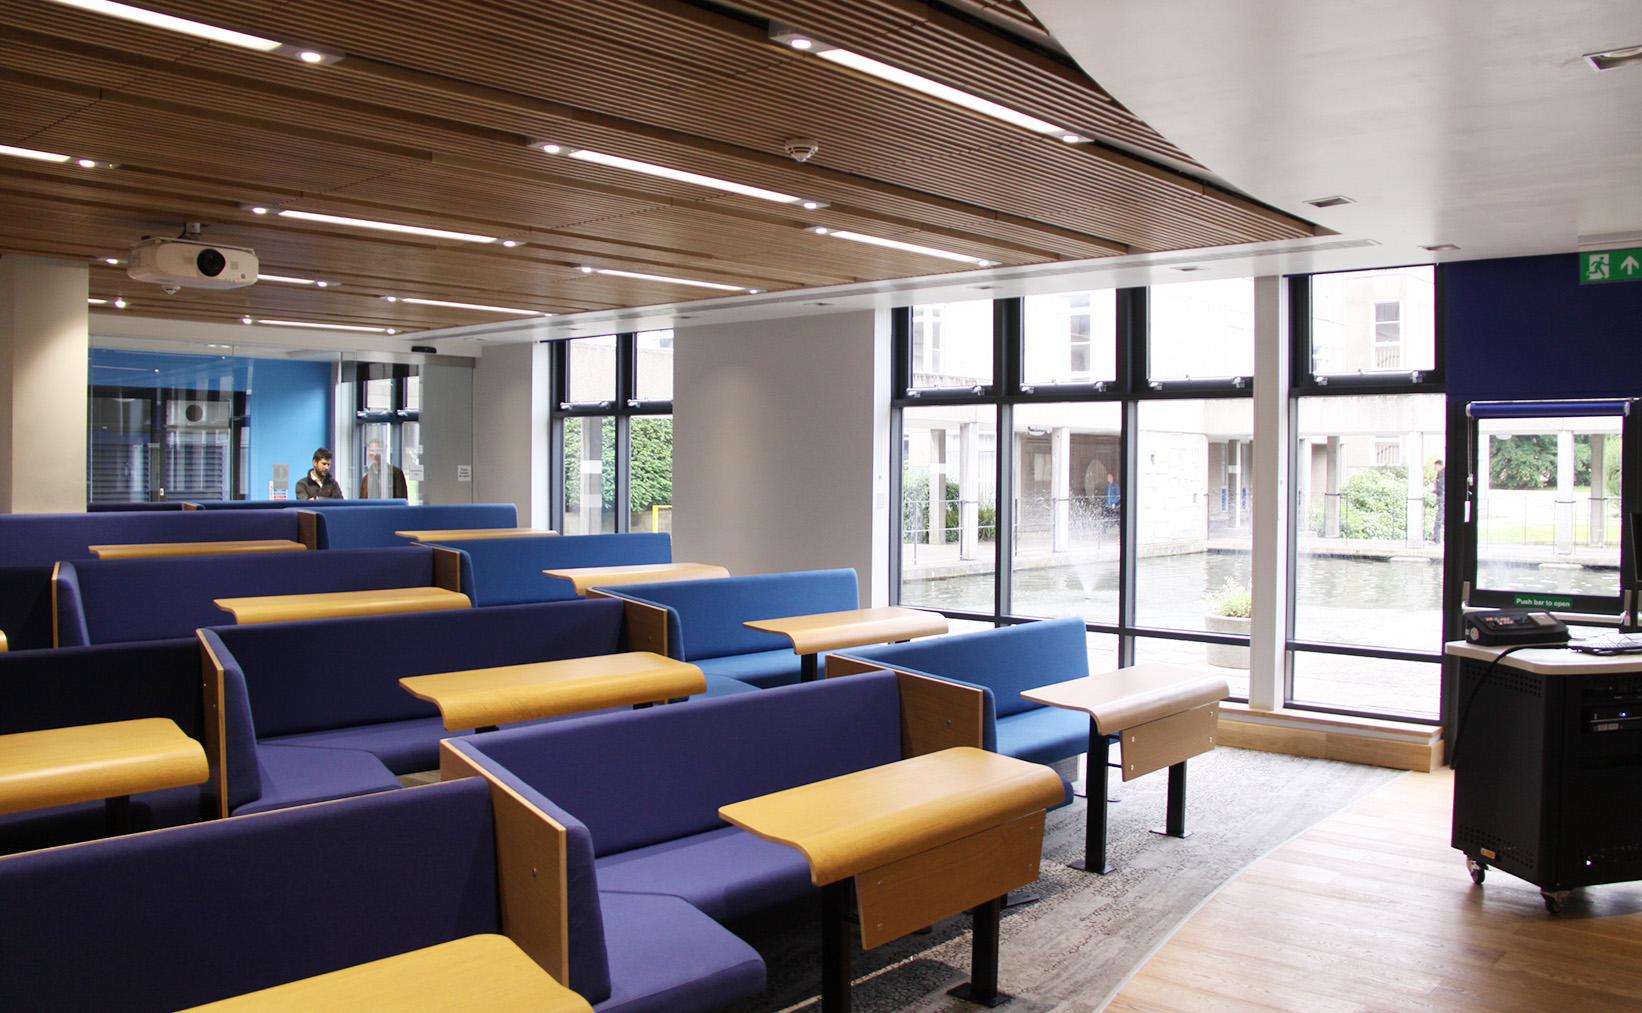 University of york derwent college nugget design - Interior design colleges in london ...